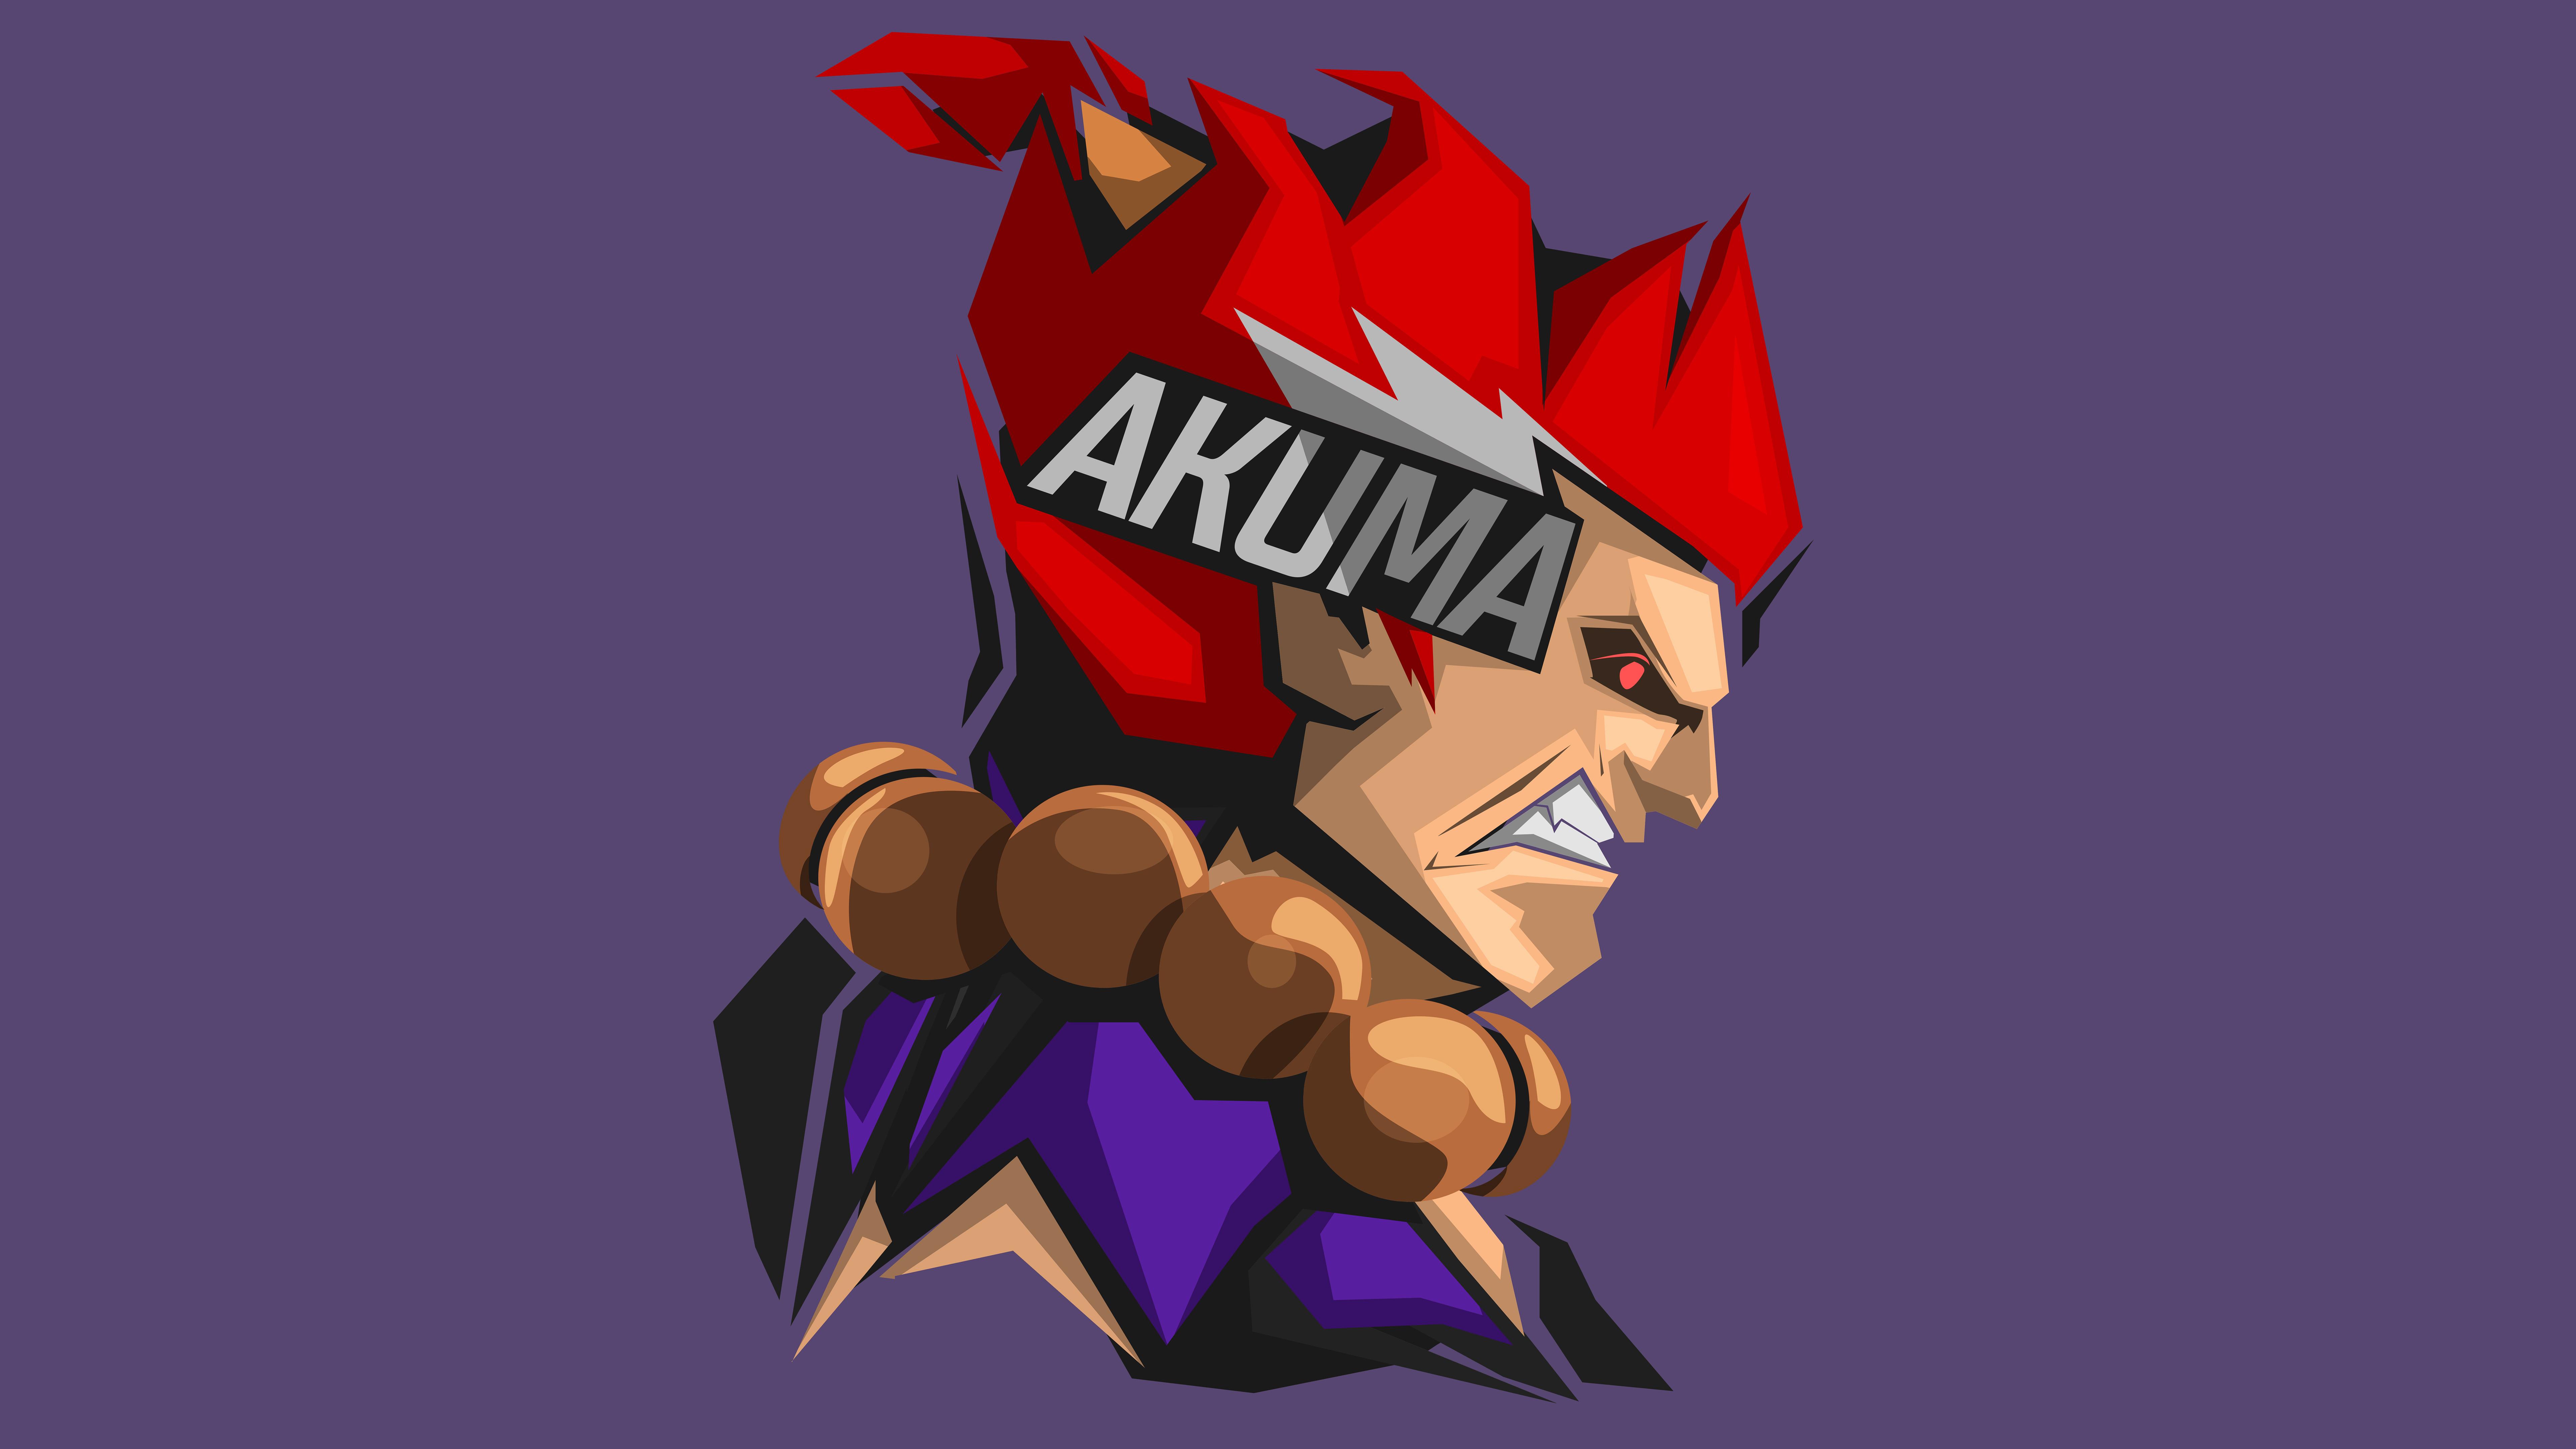 Akuma Street Fighter Minimal 4k 8k Hd Wallpapers